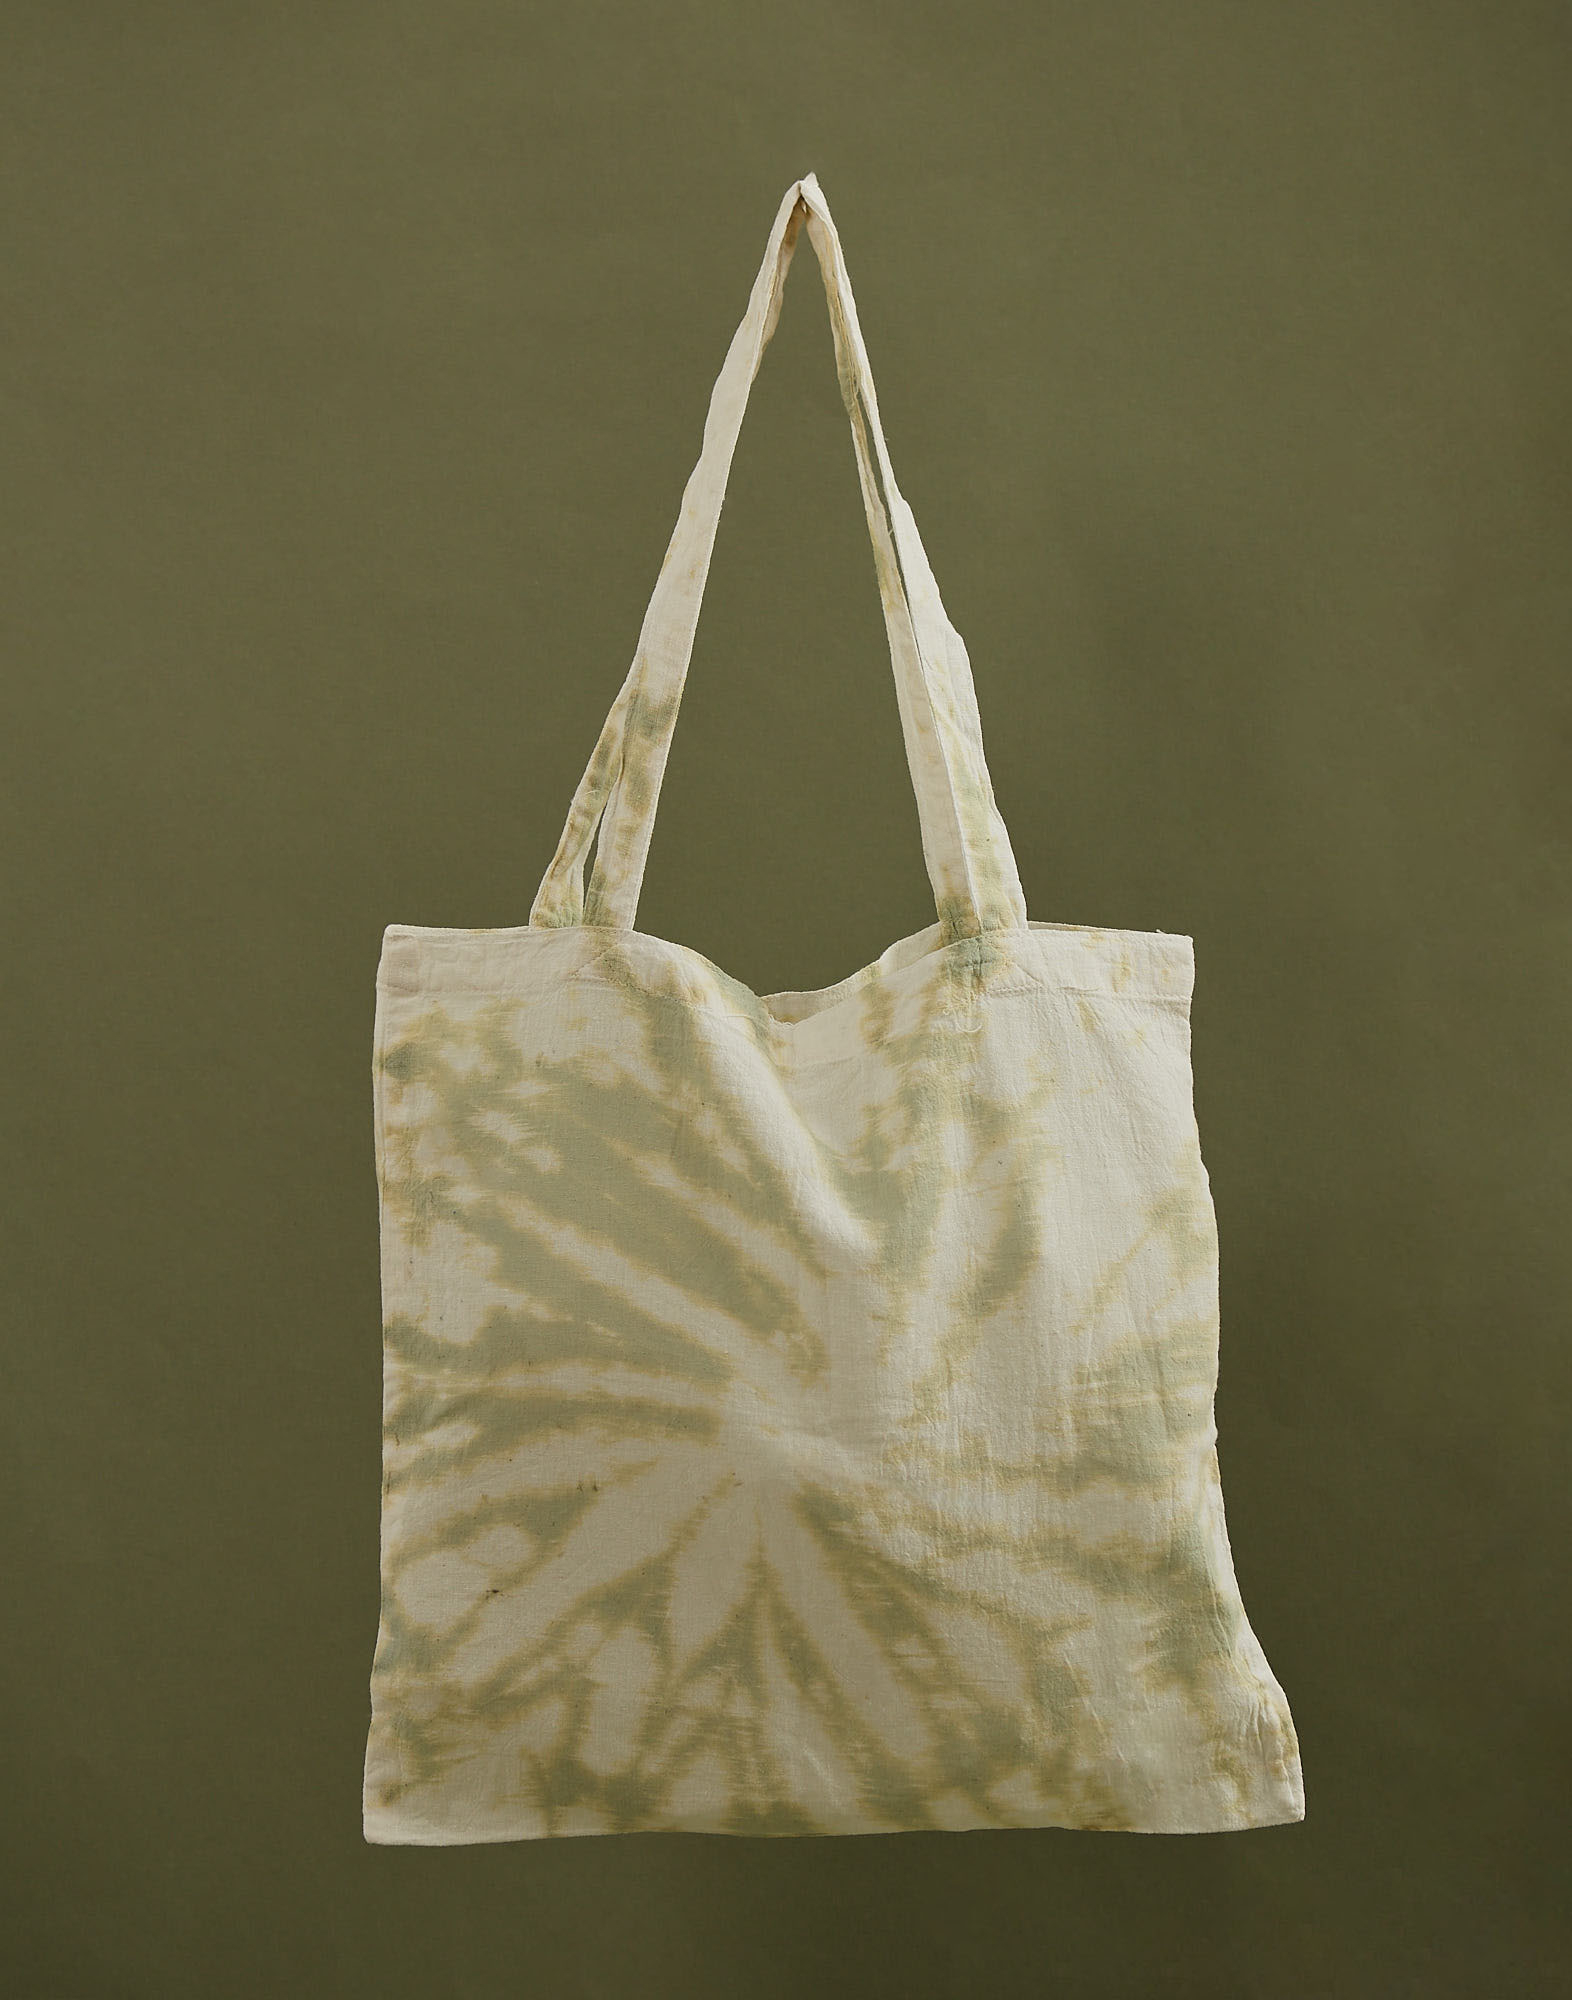 Tye dye reusable tote bag